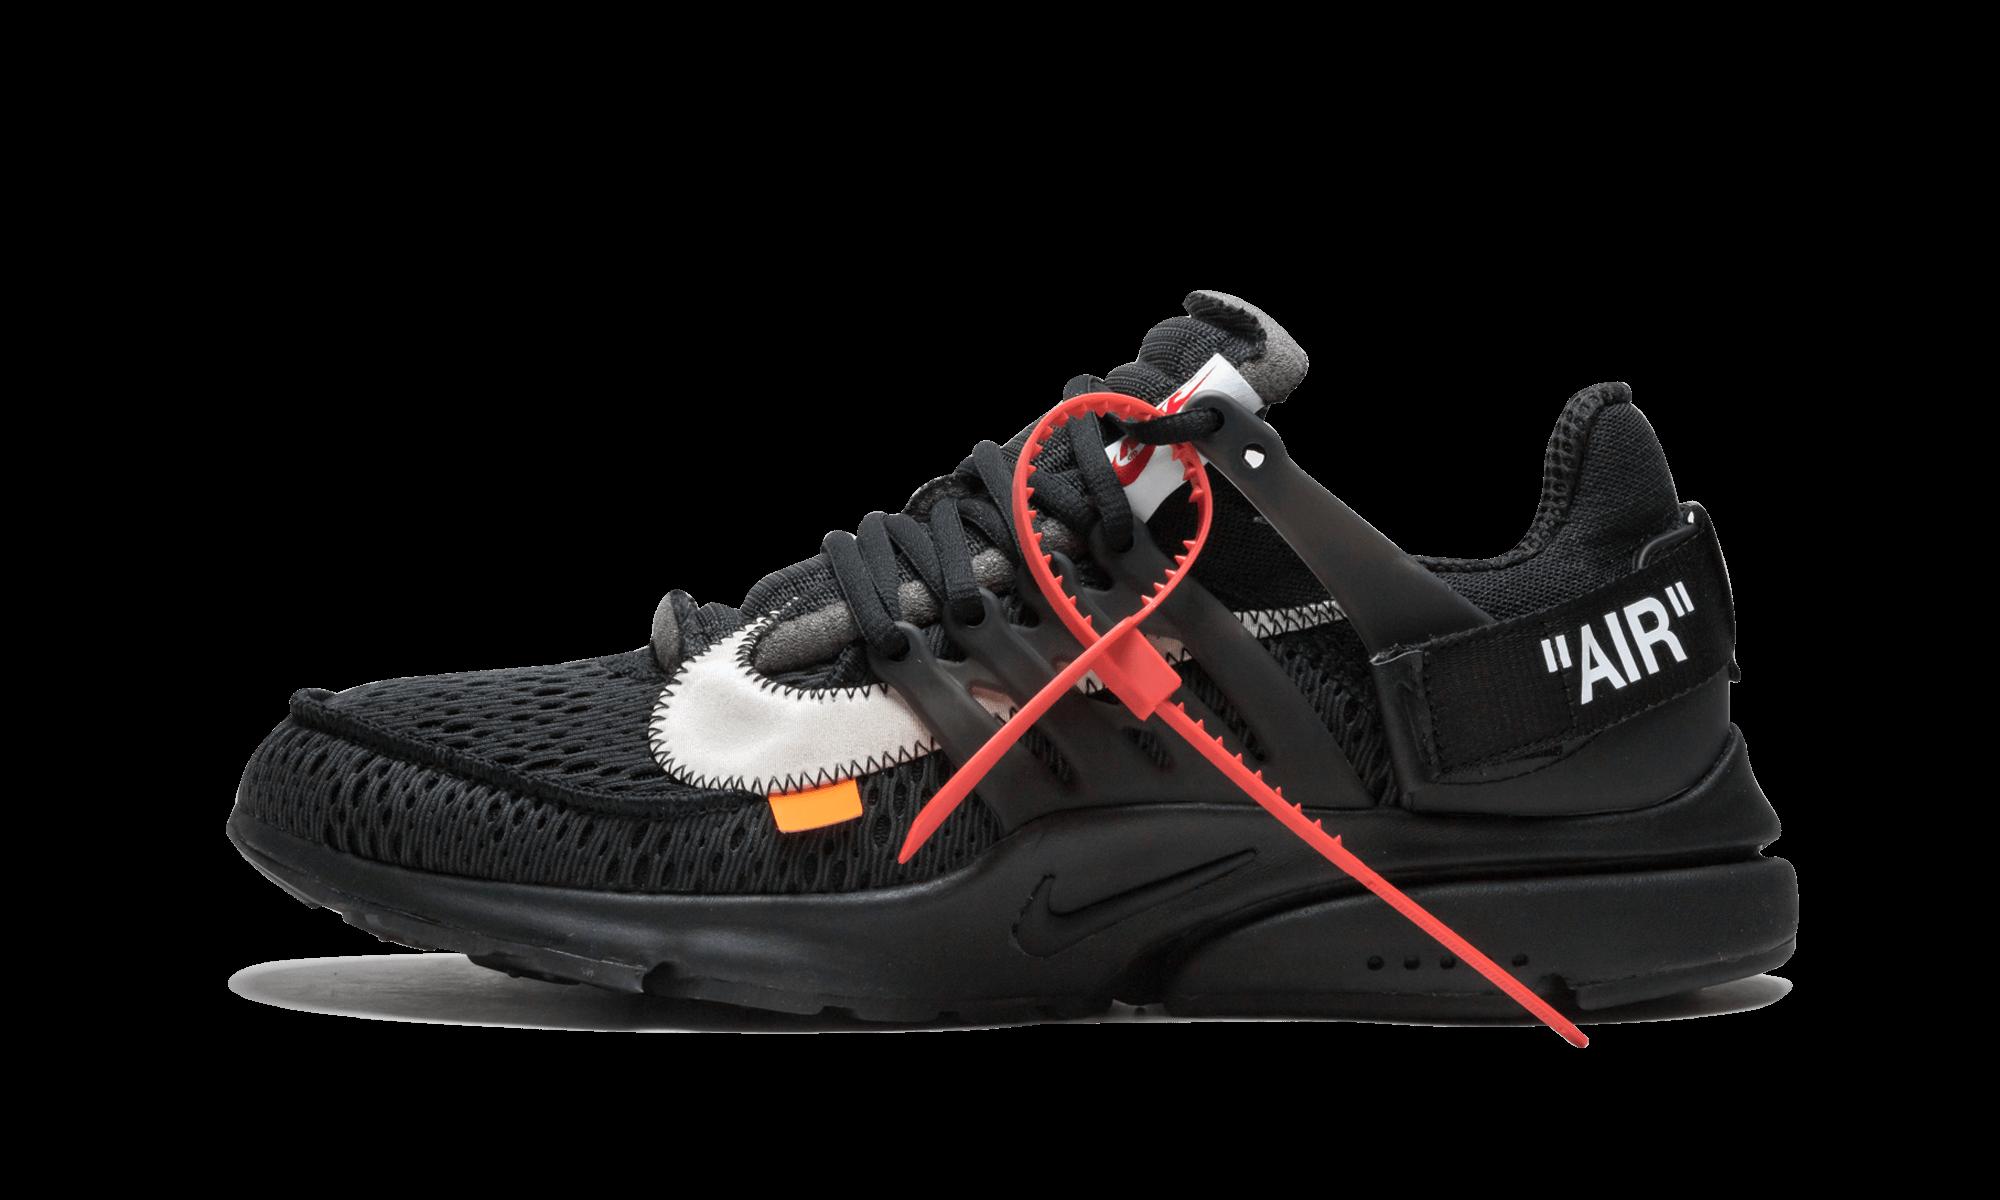 The 10 Nike Air Presto Off White Polar Opposites Black Aa3830 002 2020